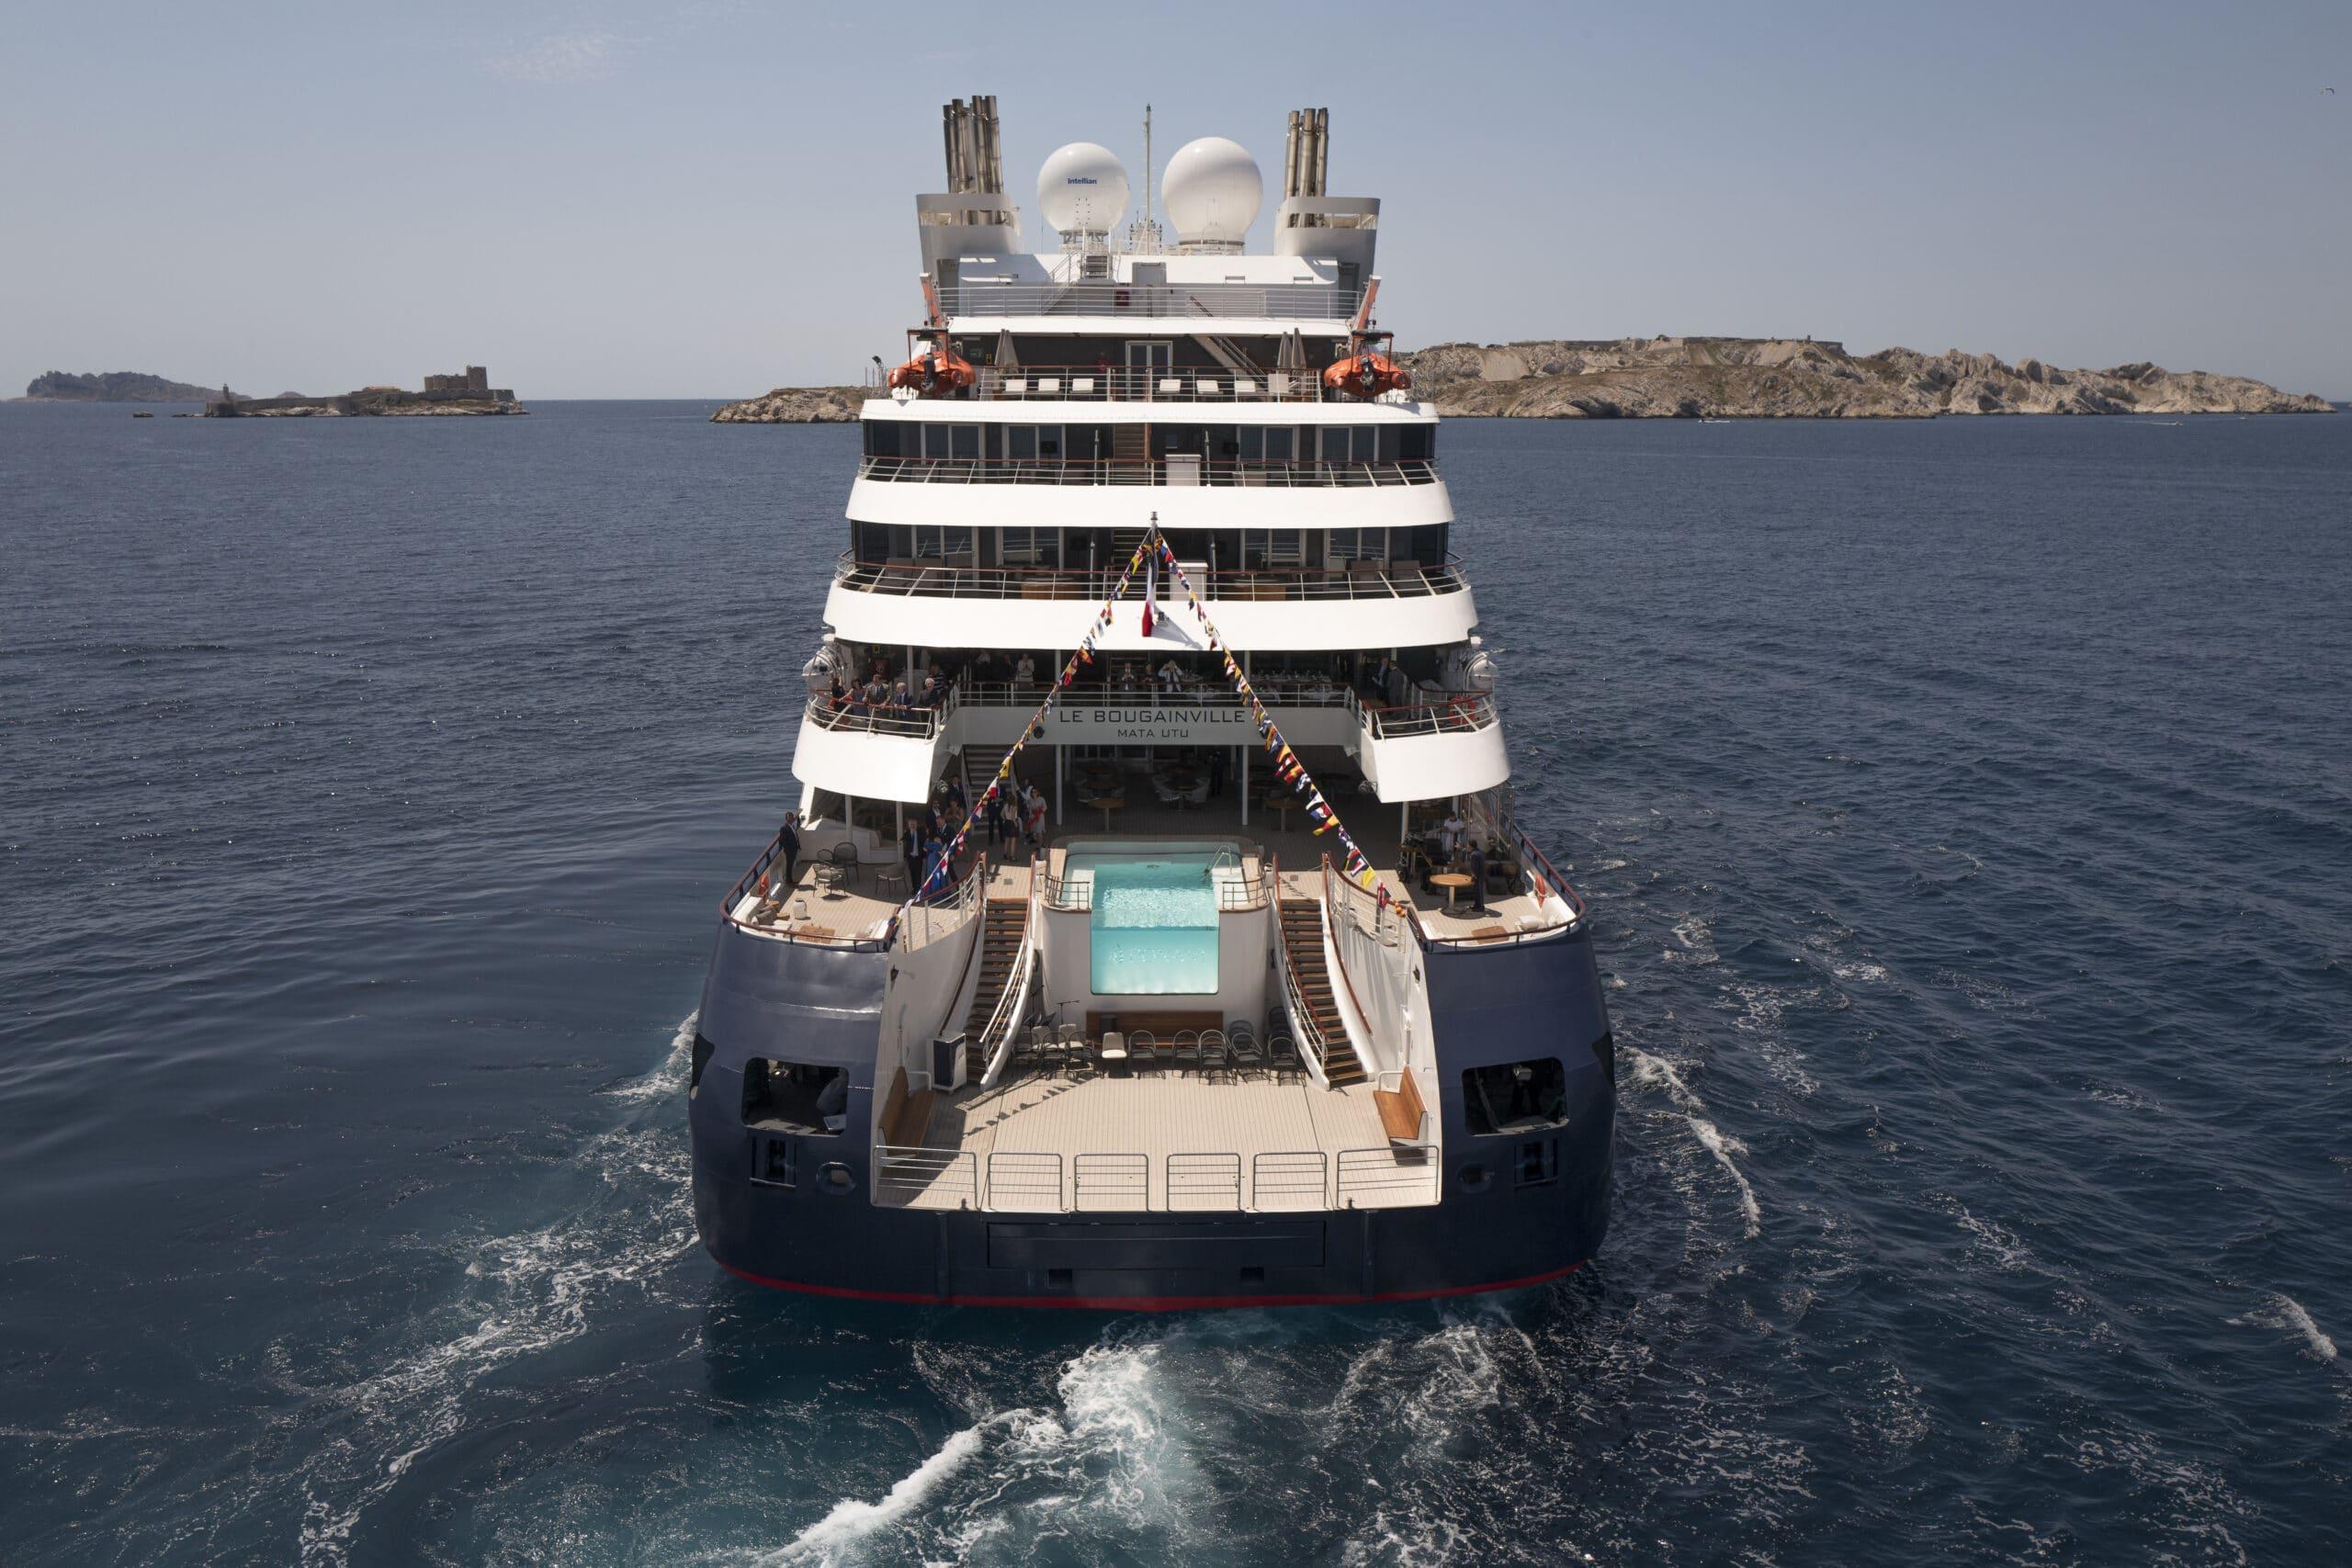 Cruiseschip-Le Bougainville-Ponant Yacht Cruises-Schip Achterkant